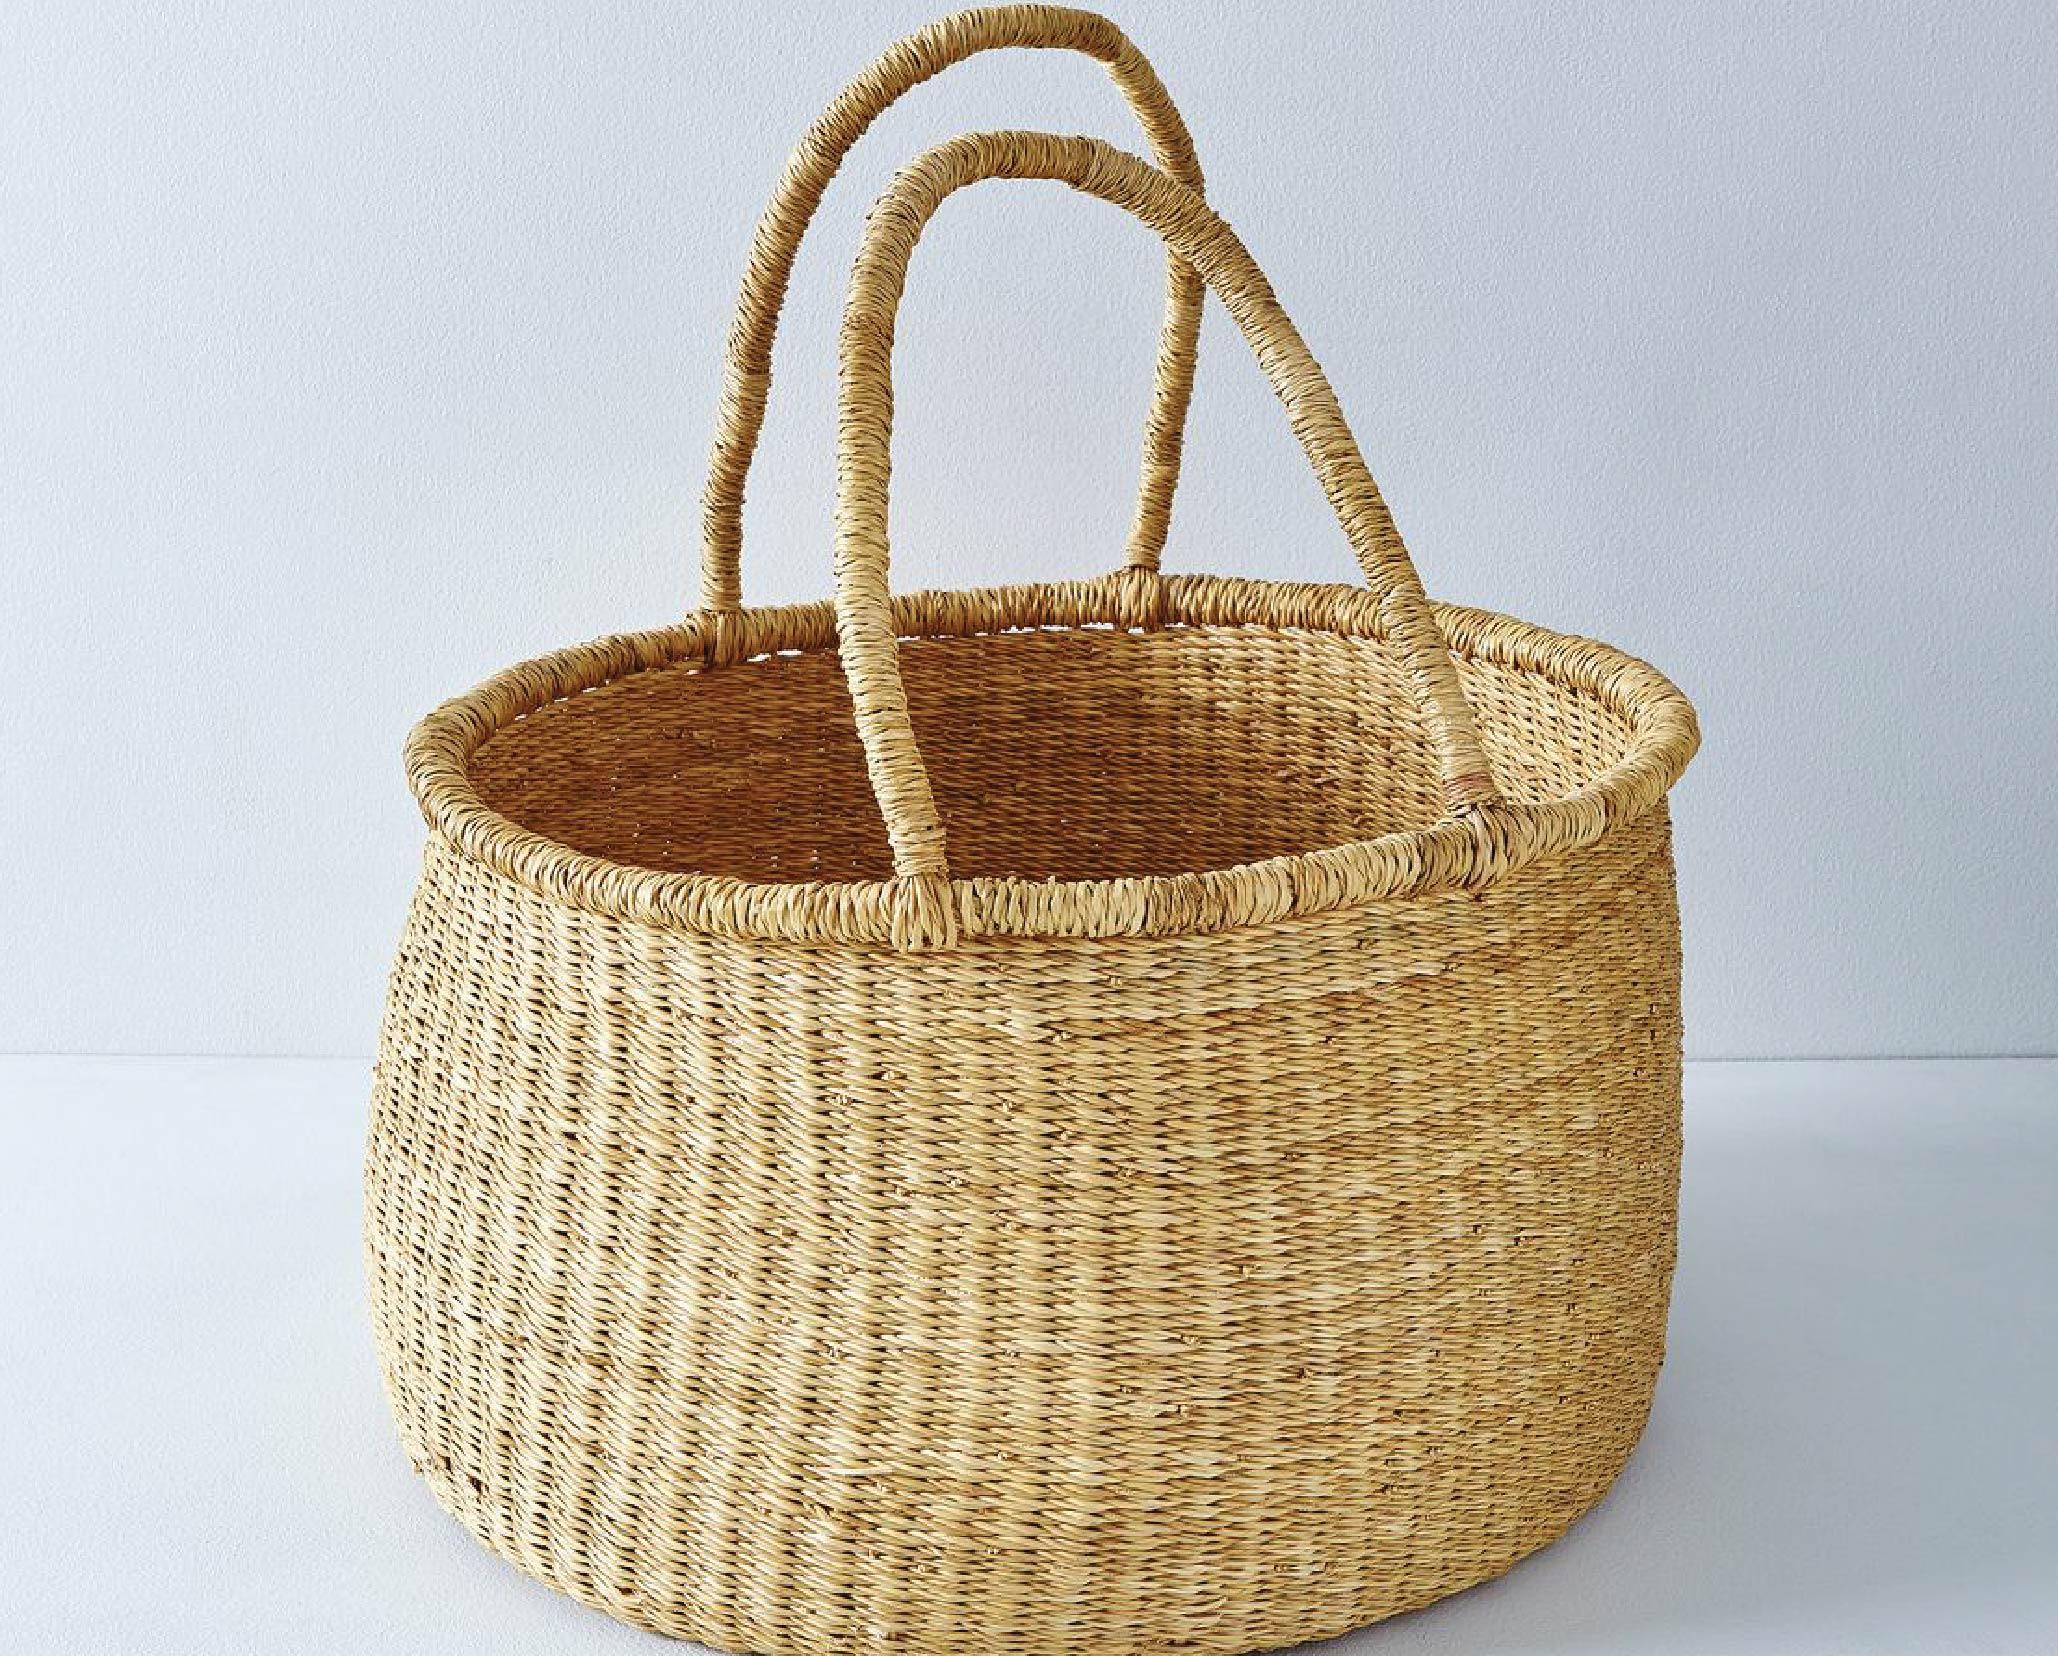 dea0dd0aba98 straw basket - Local Milk Blog